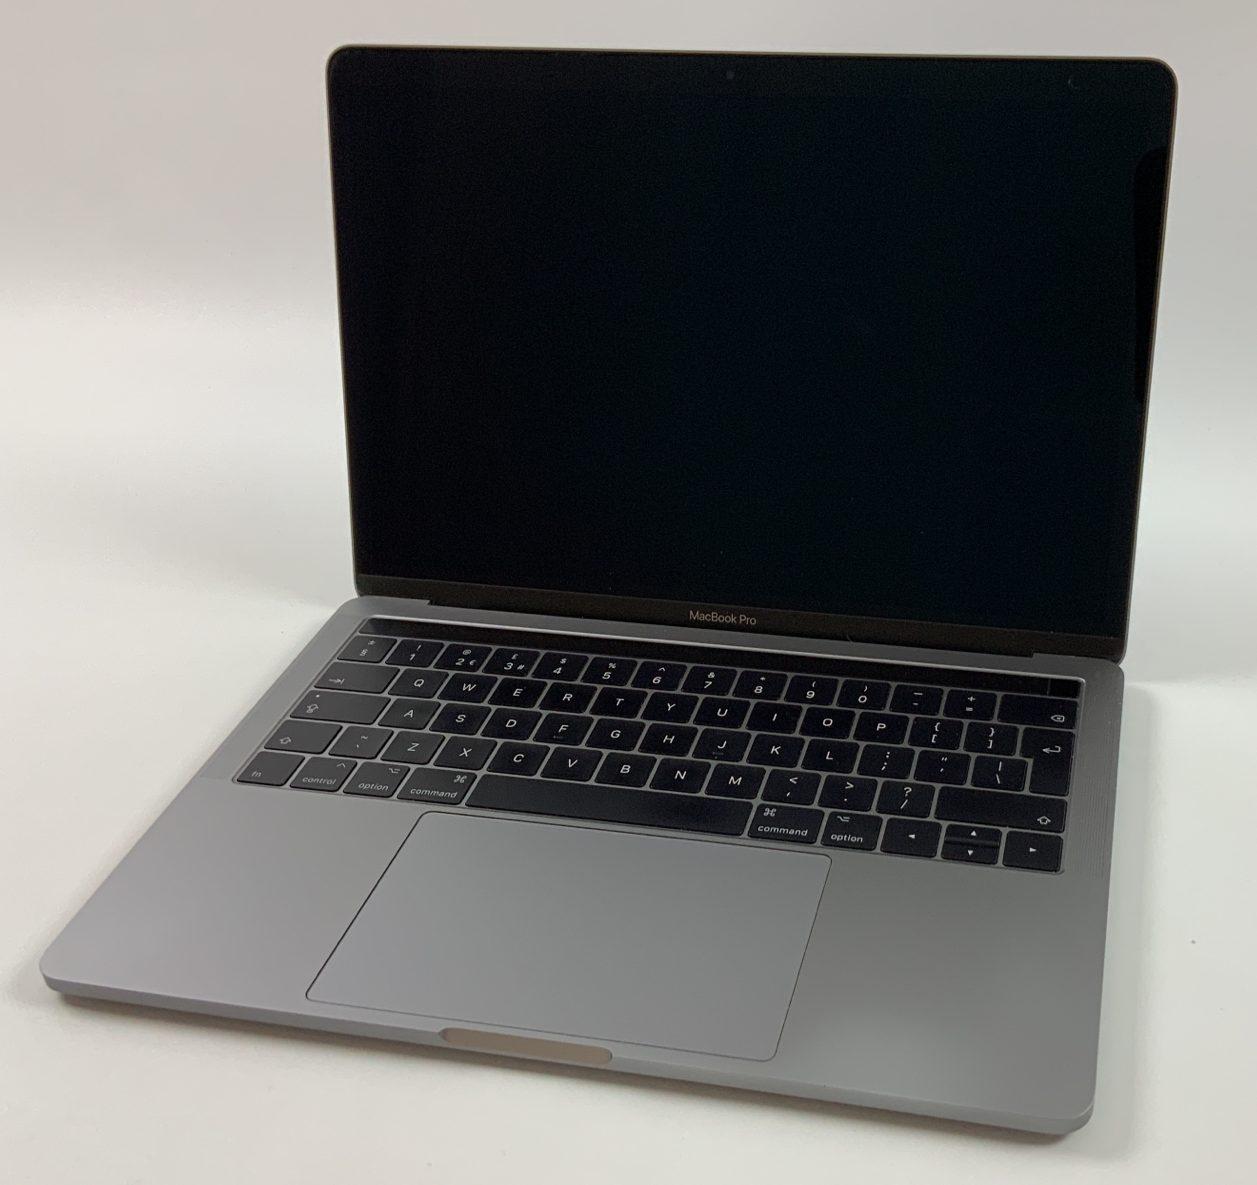 """MacBook Pro 13"""" 4TBT Mid 2017 (Intel Core i5 3.1 GHz 8 GB RAM 512 GB SSD), Space Gray, Intel Core i5 3.1 GHz, 8 GB RAM, 512 GB SSD, bild 1"""